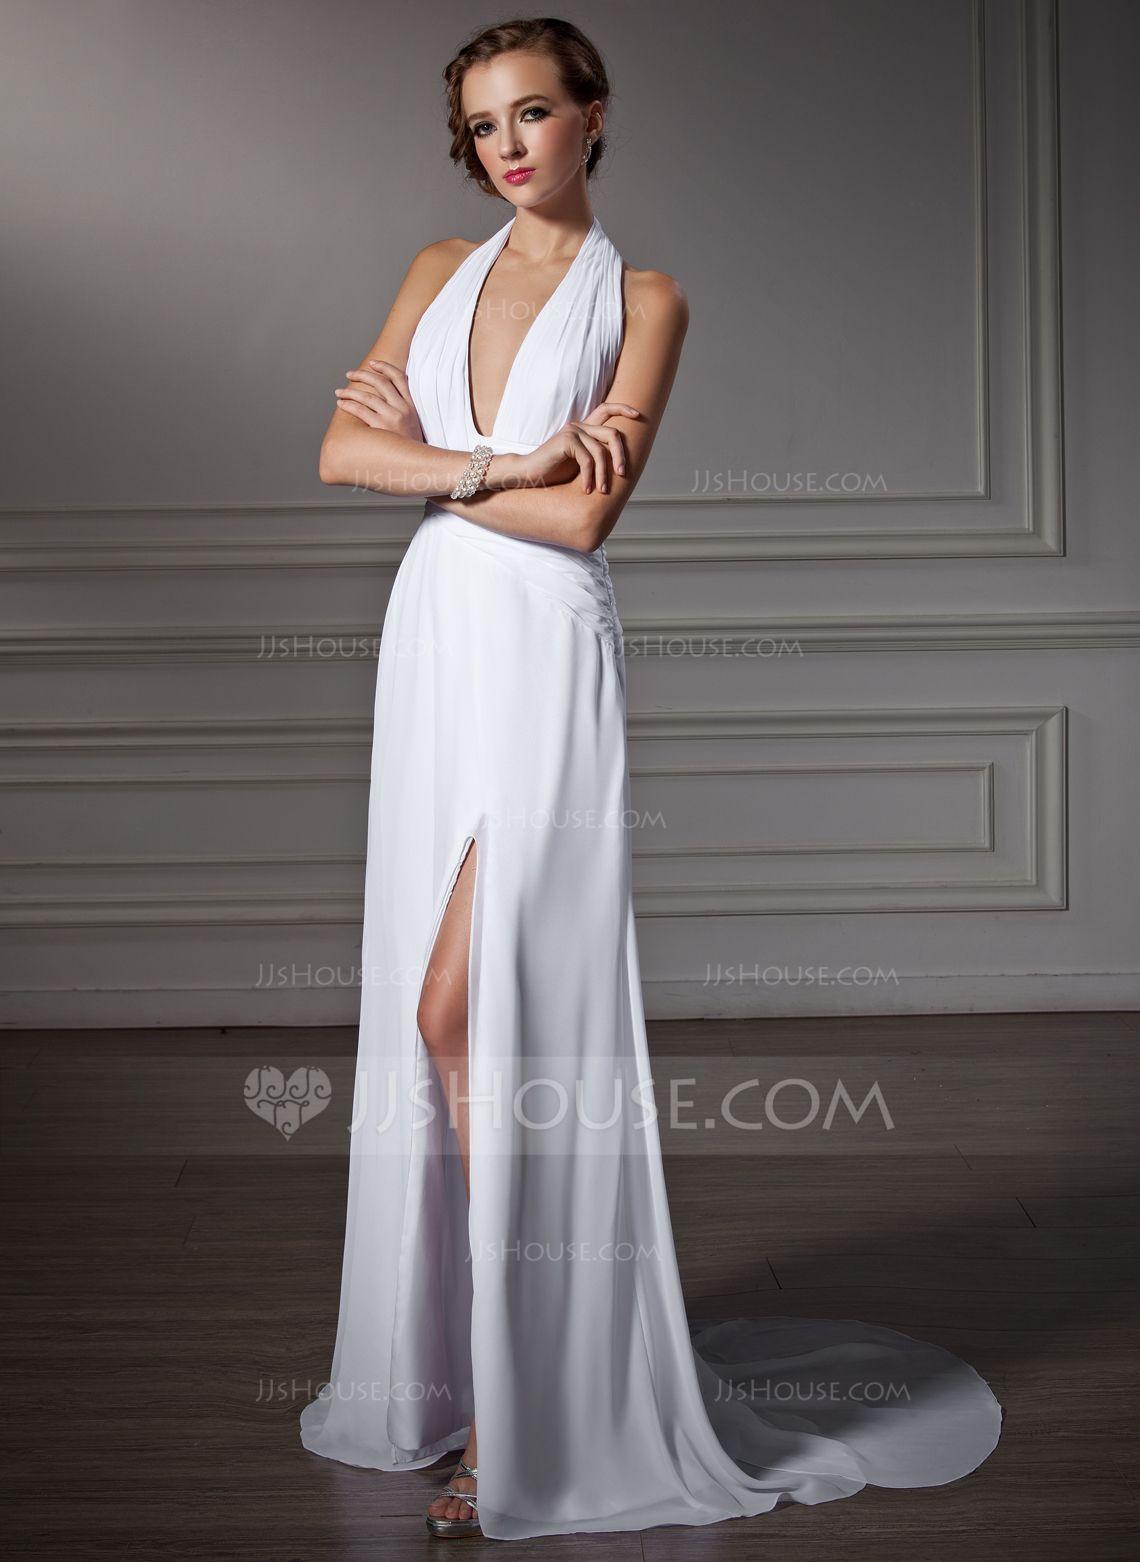 Alineprincess halter watteau train chiffon prom dress with ruffle